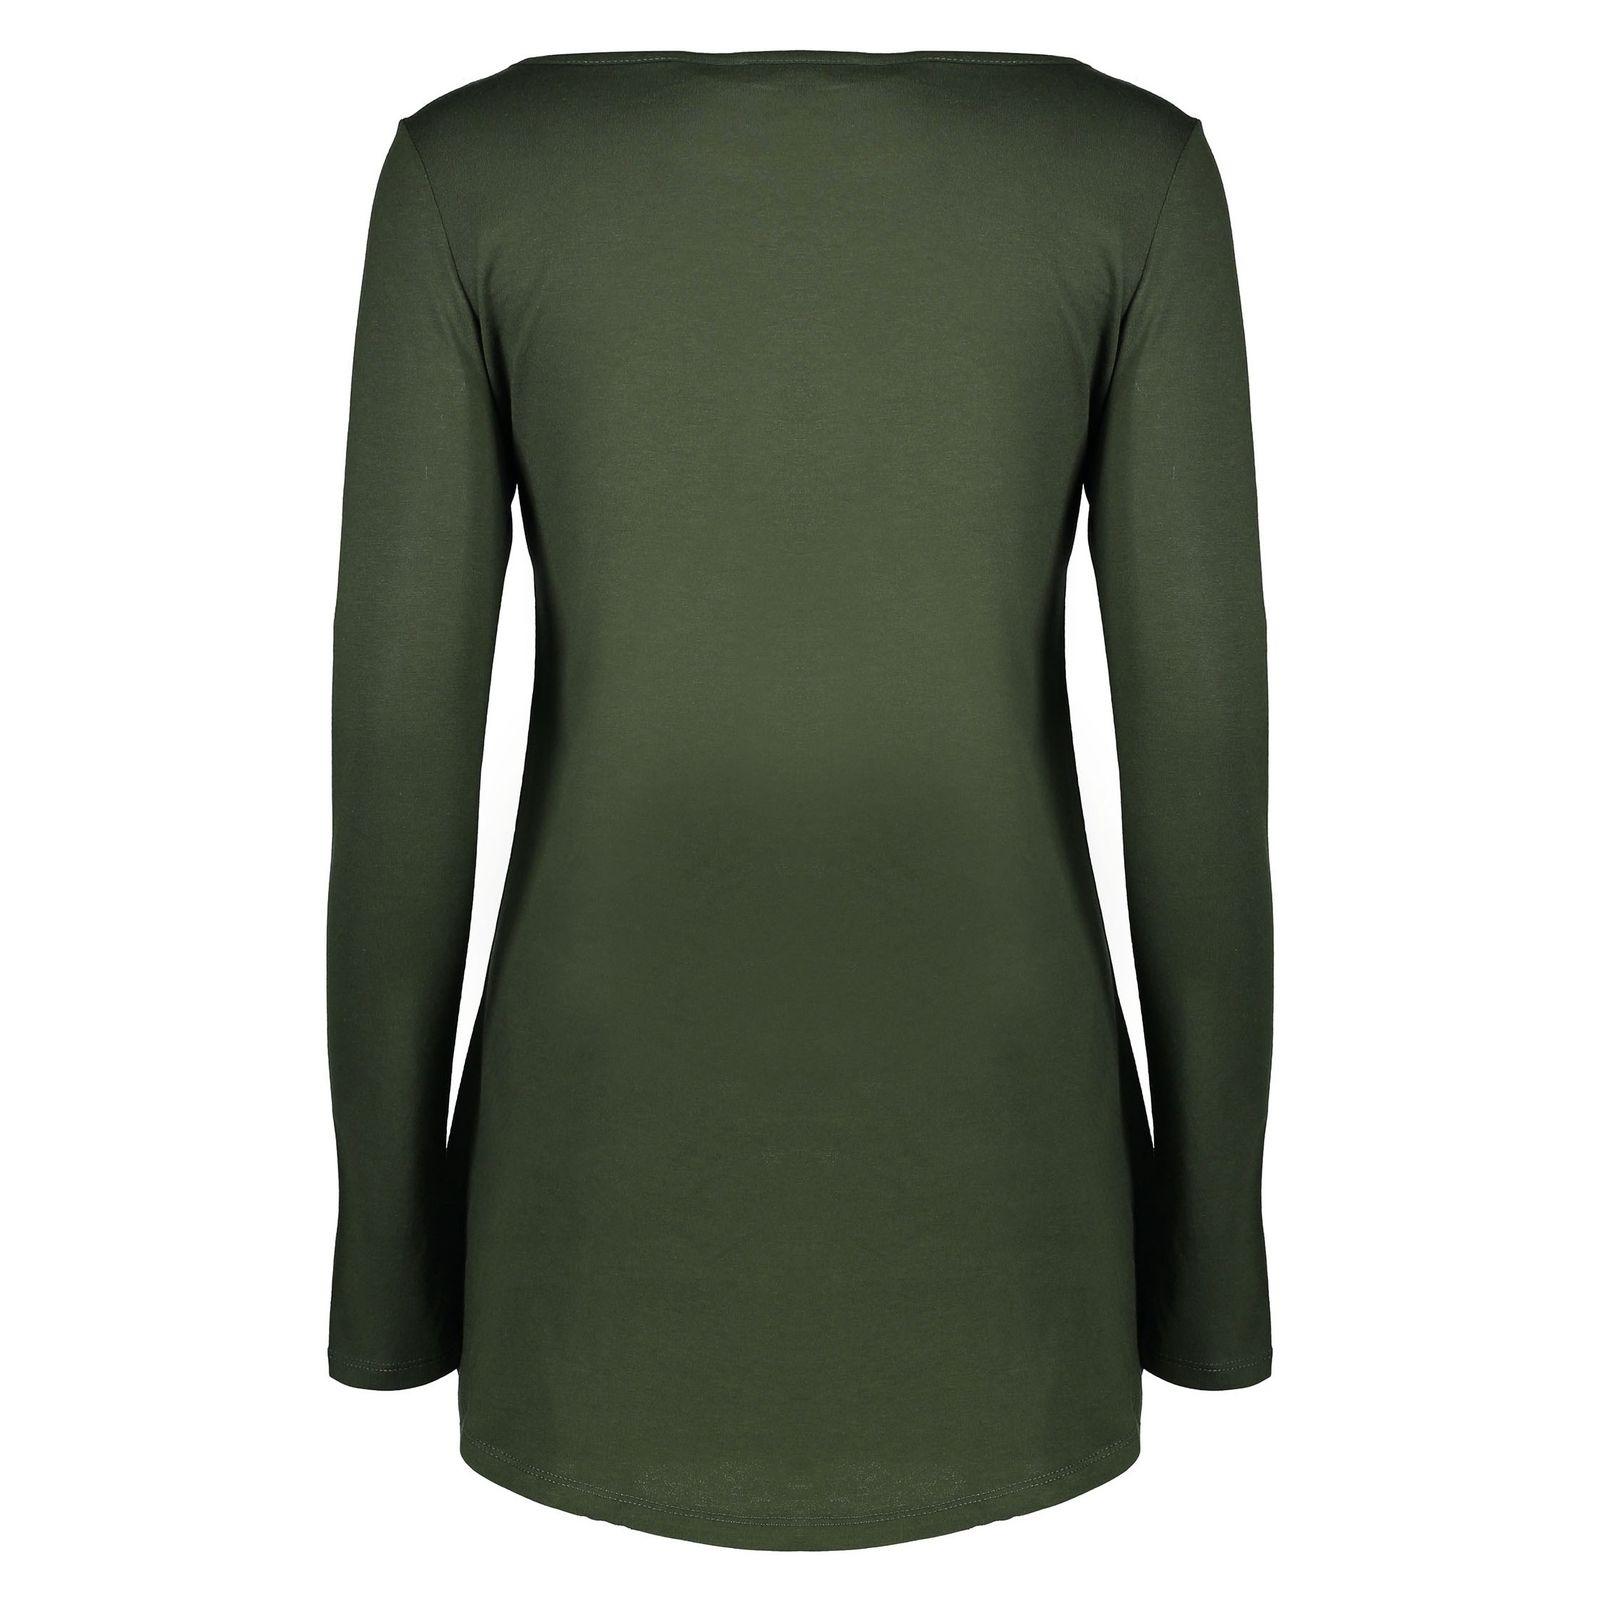 تی شرت نخی آستین بلند زنانه - رد هرینگ - سبز - 2